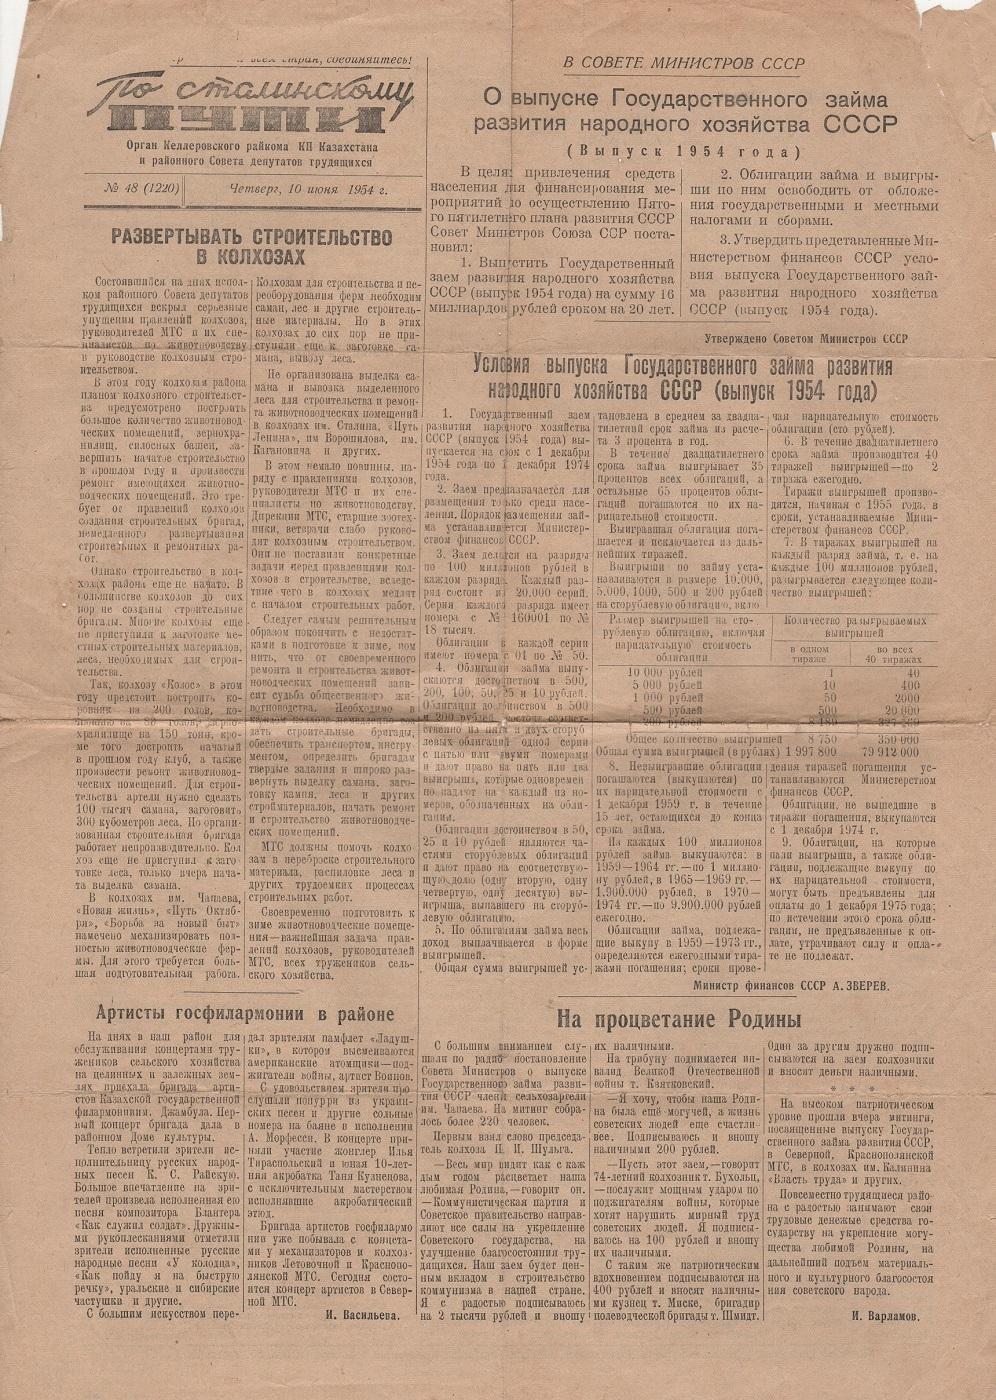 """Газети. Газета """"По сталинскому пути"""" № 48 (1220) від  10 червня, 1954 року"""